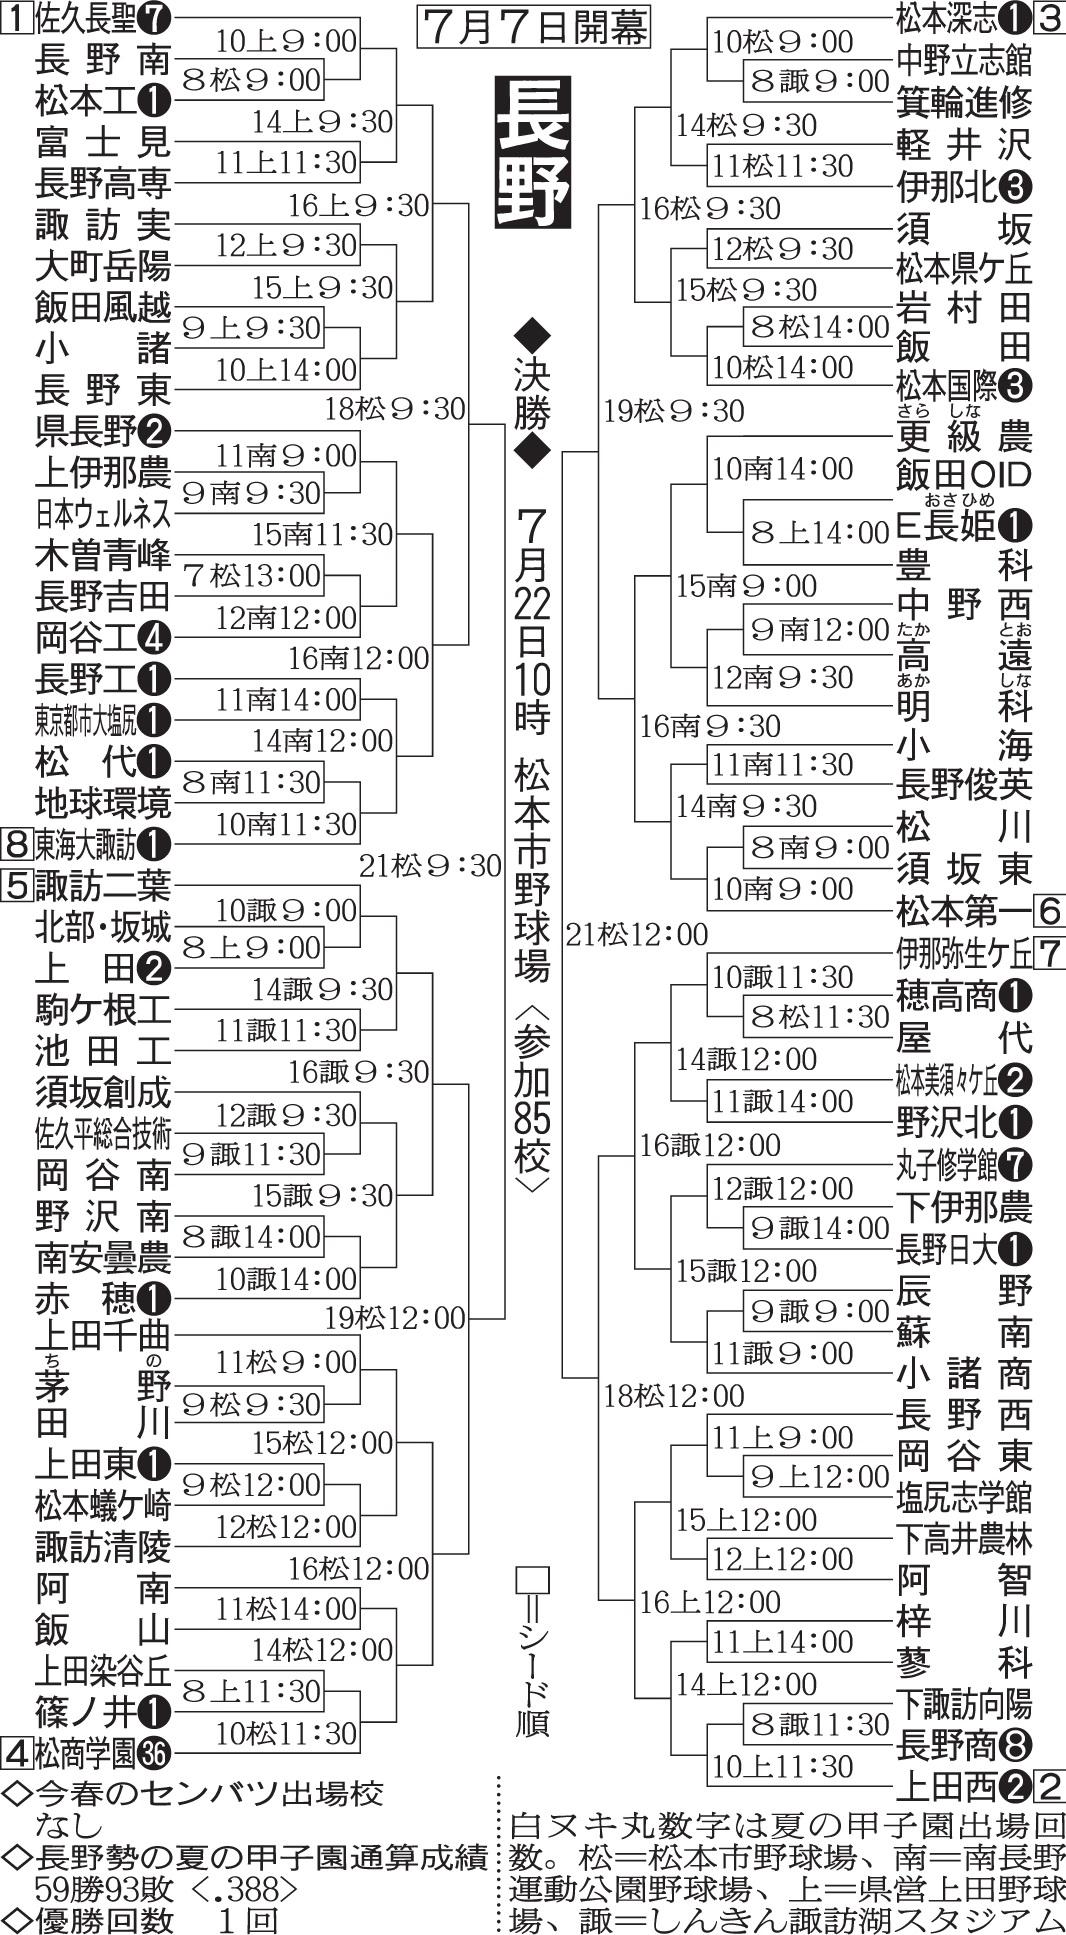 第100回全国高等学校野球選手権記念大会:長野県